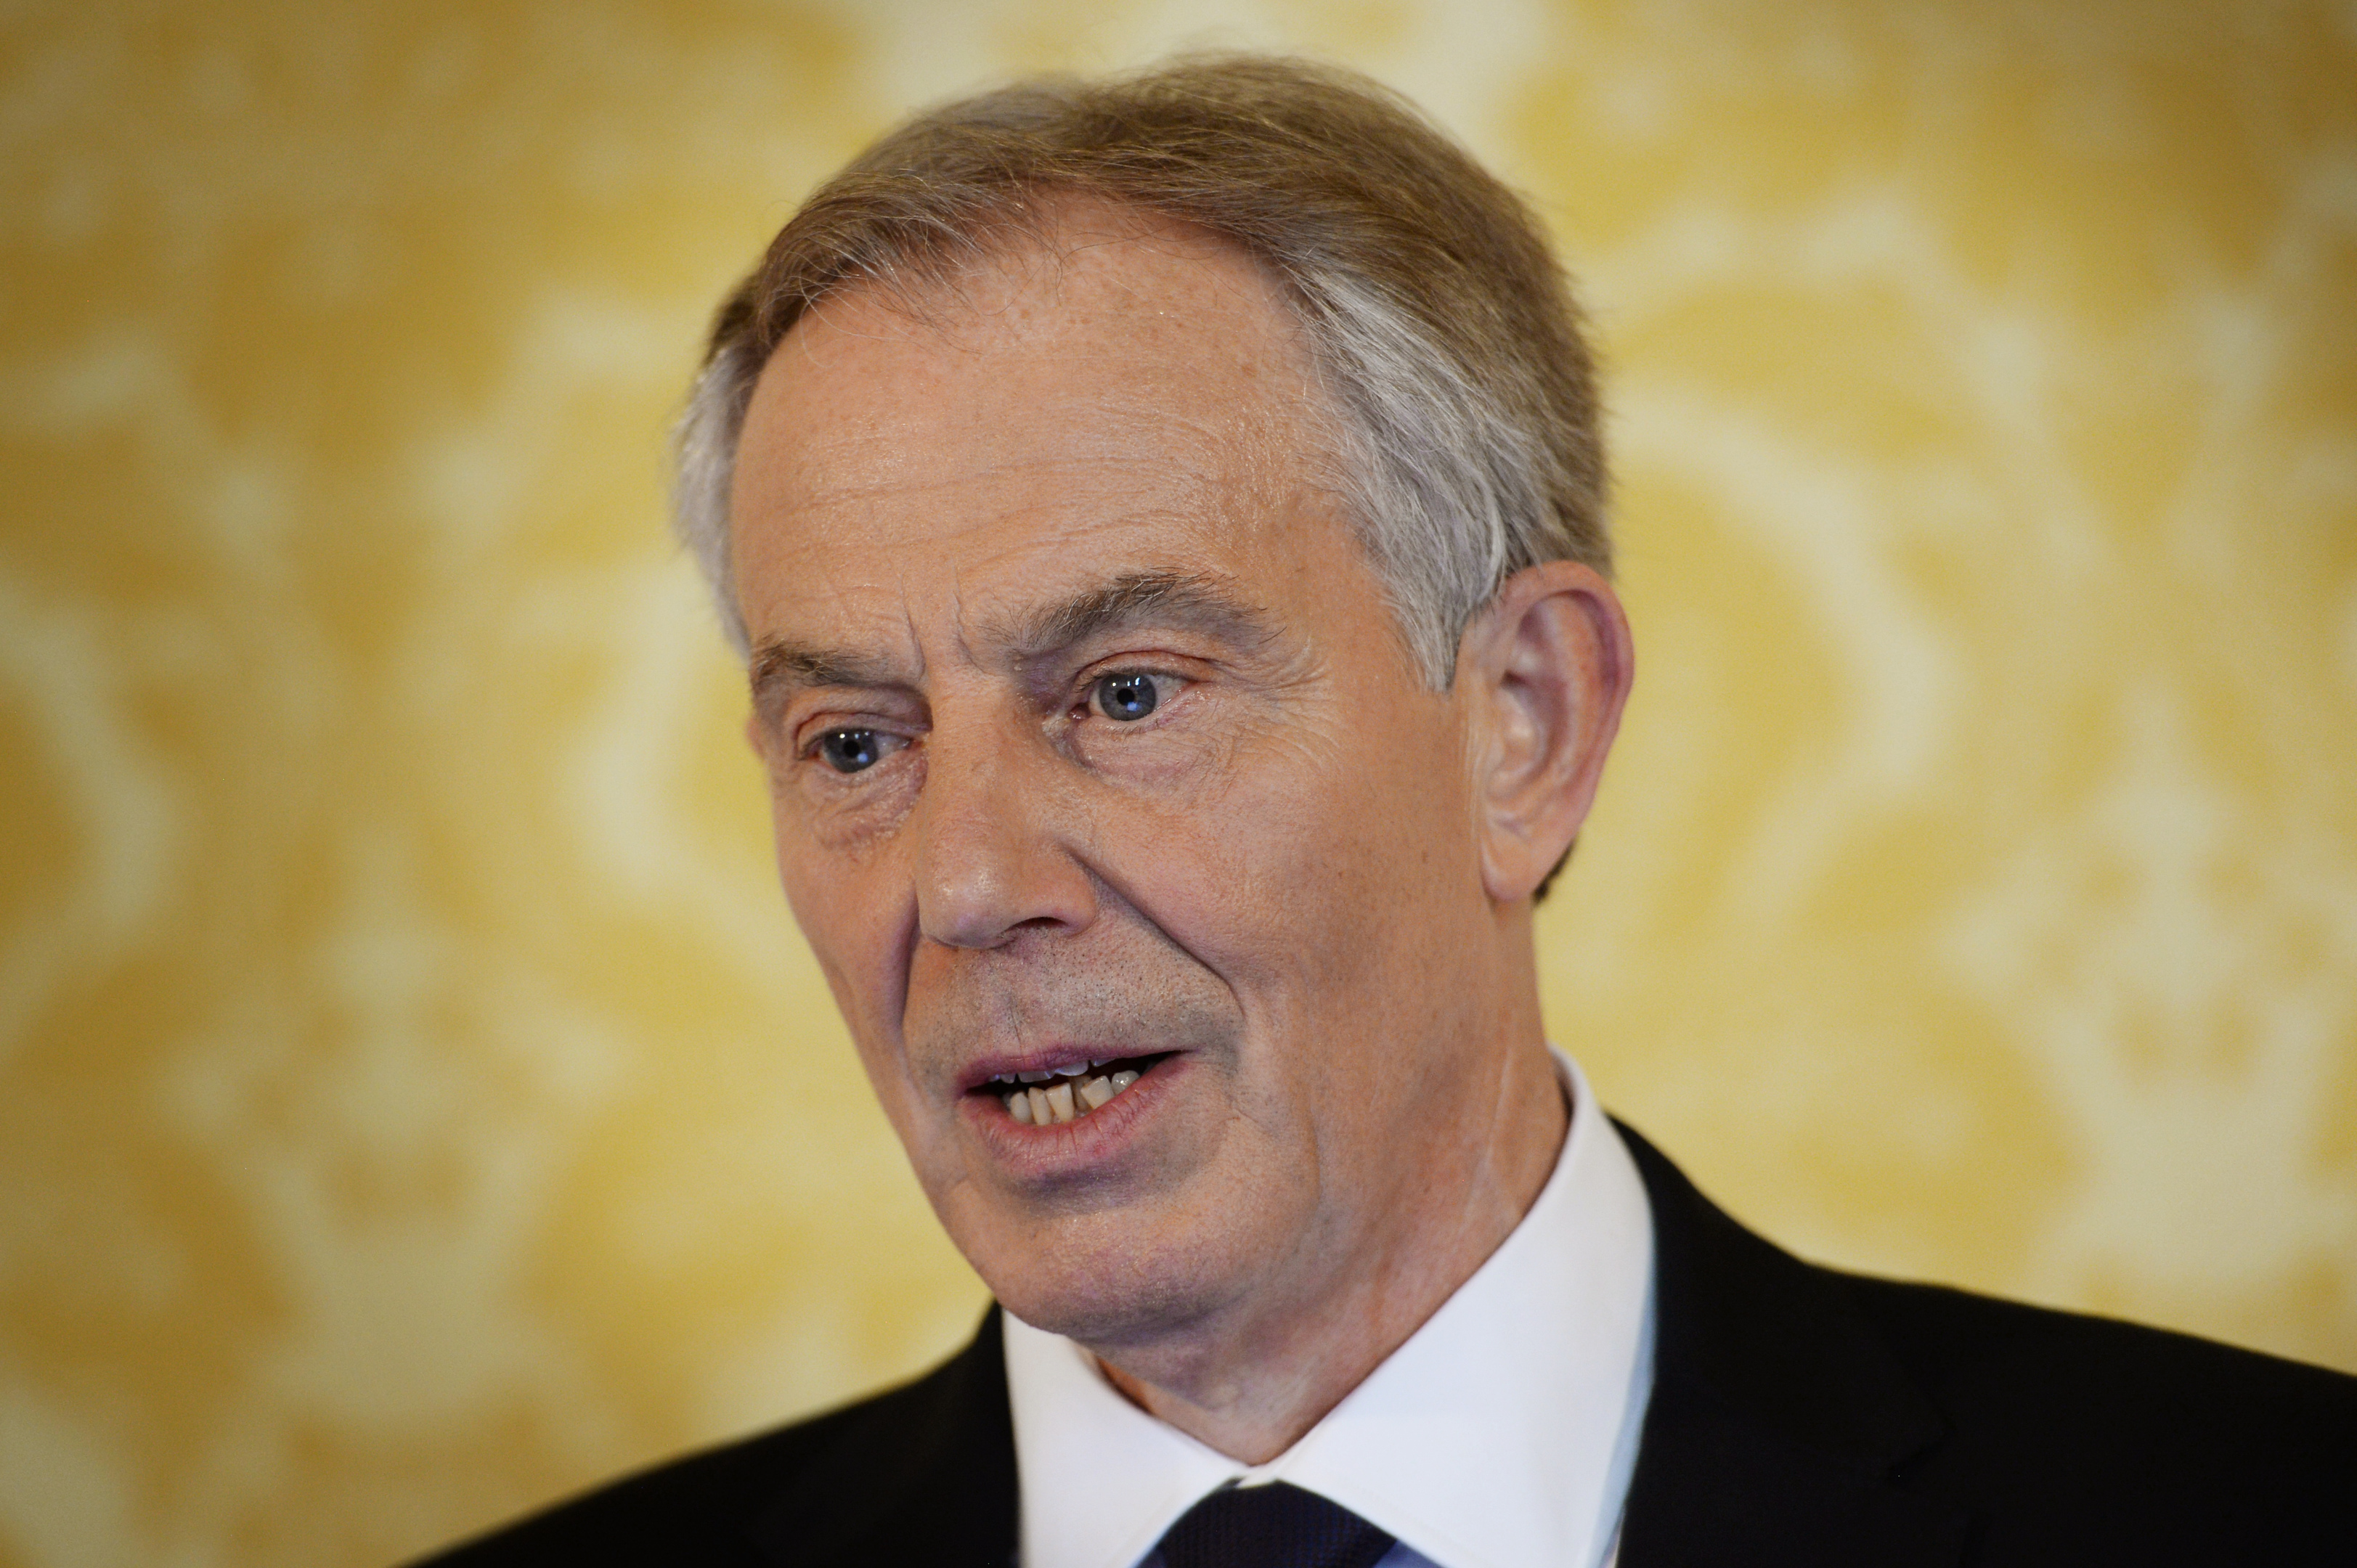 Former Prime Minister, Tony Blair